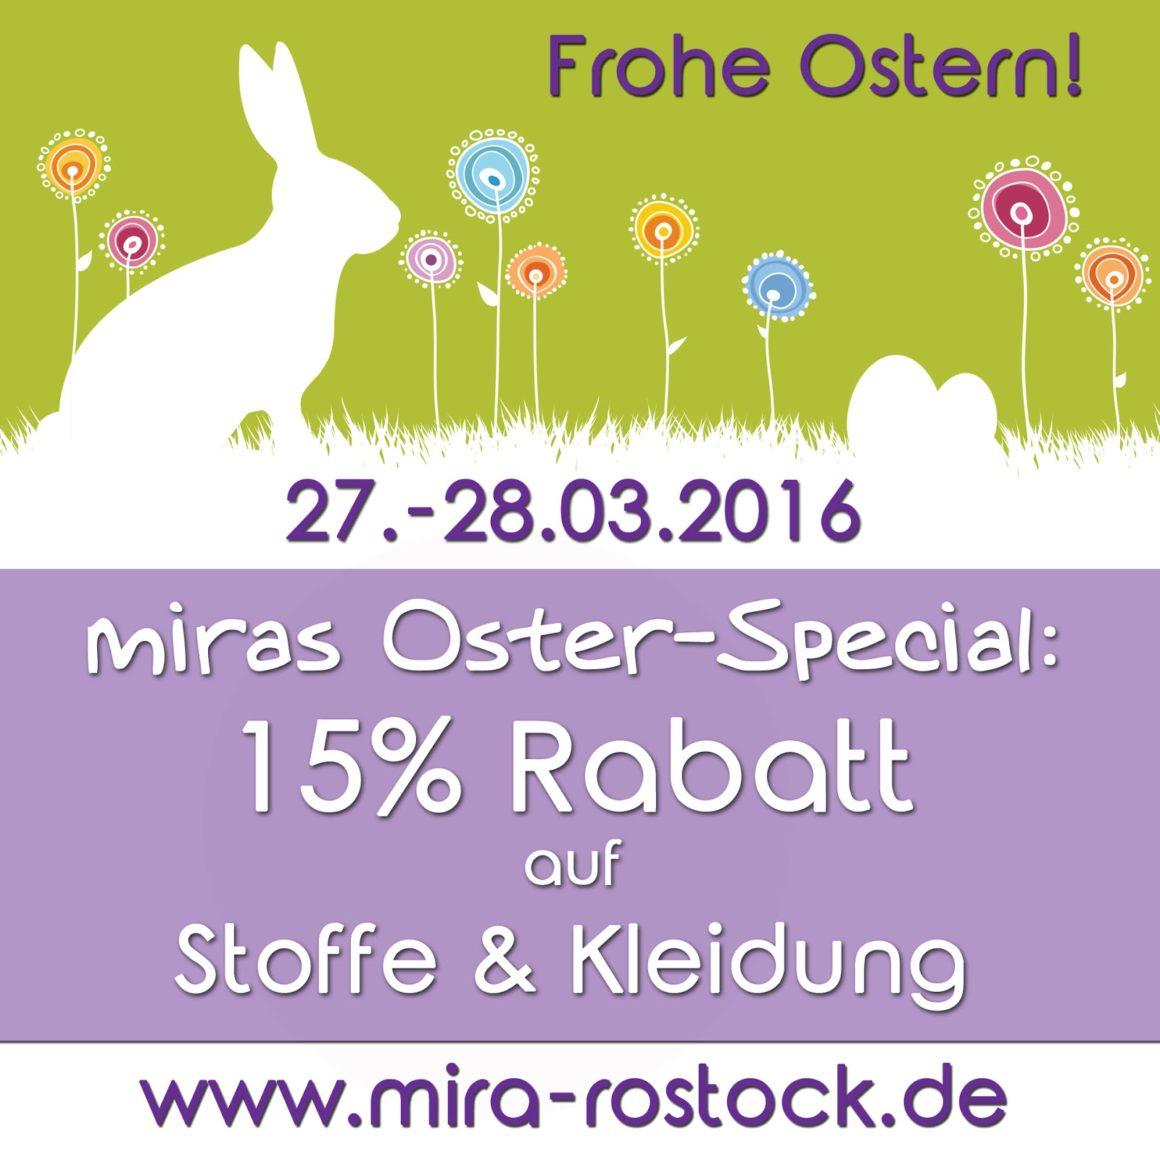 miras Oster-Special: 15% Rabatt auf Stoffe & Kleidung!